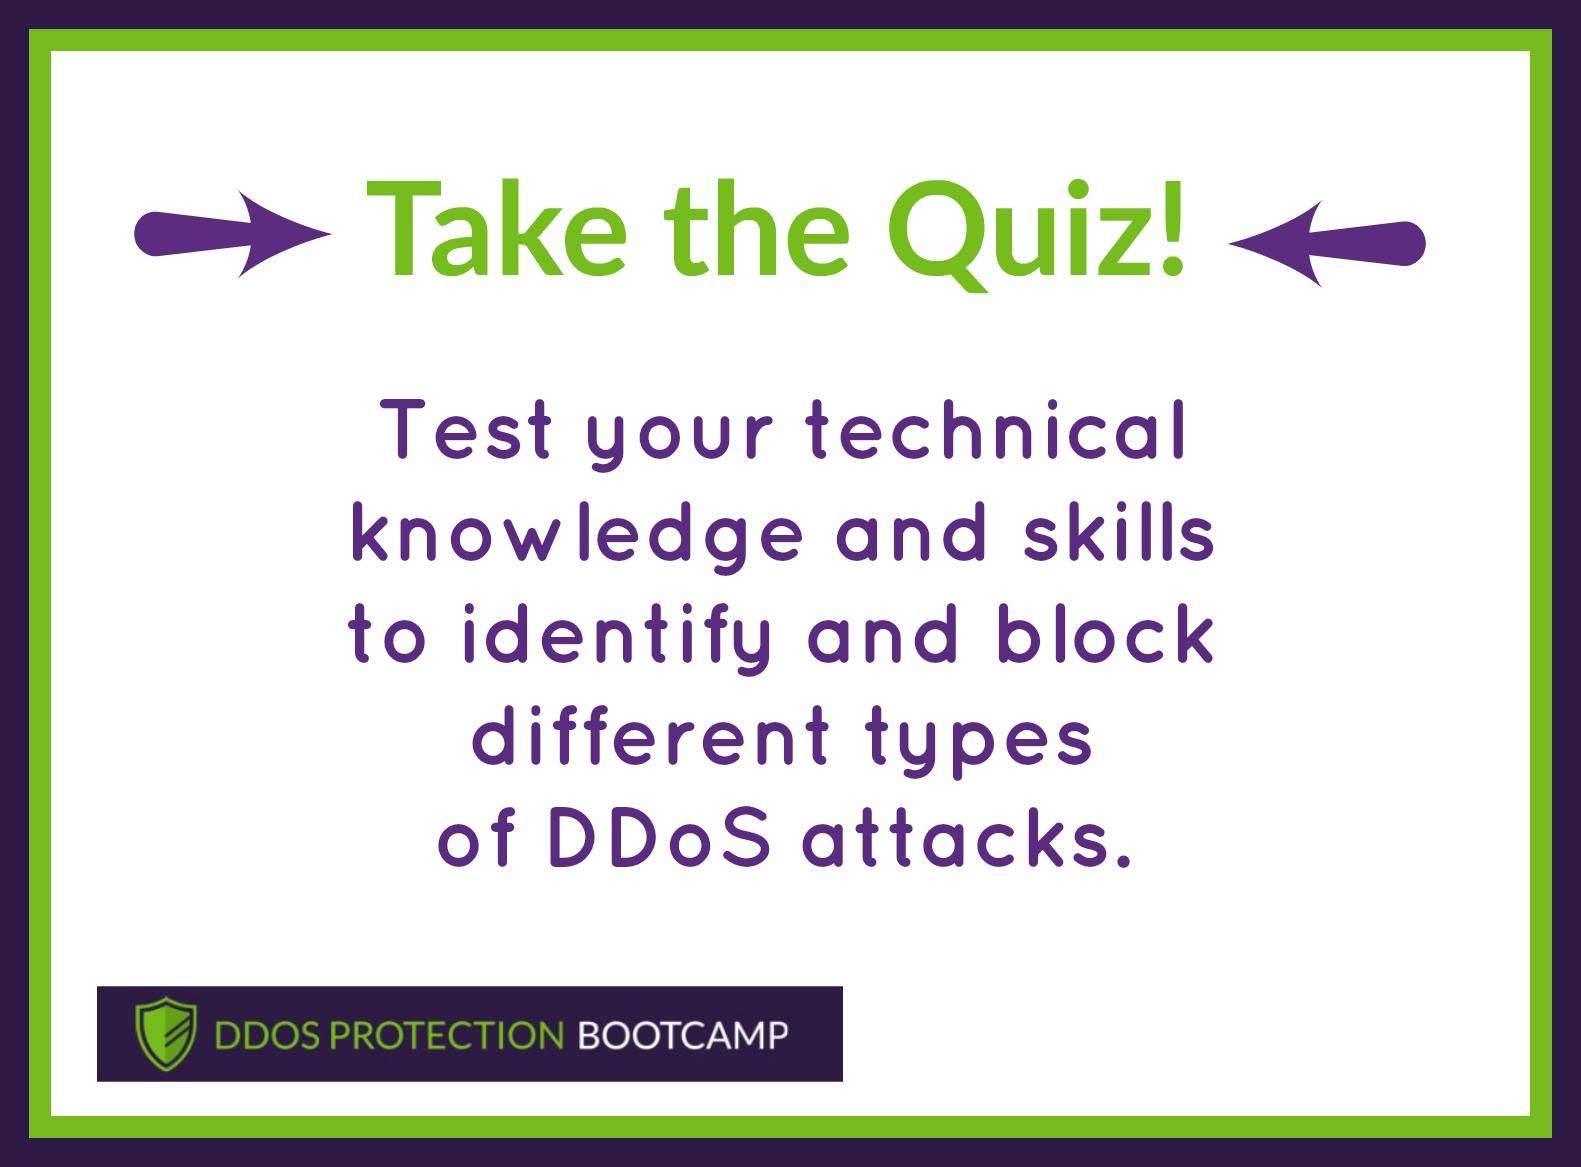 DDosBootcamp